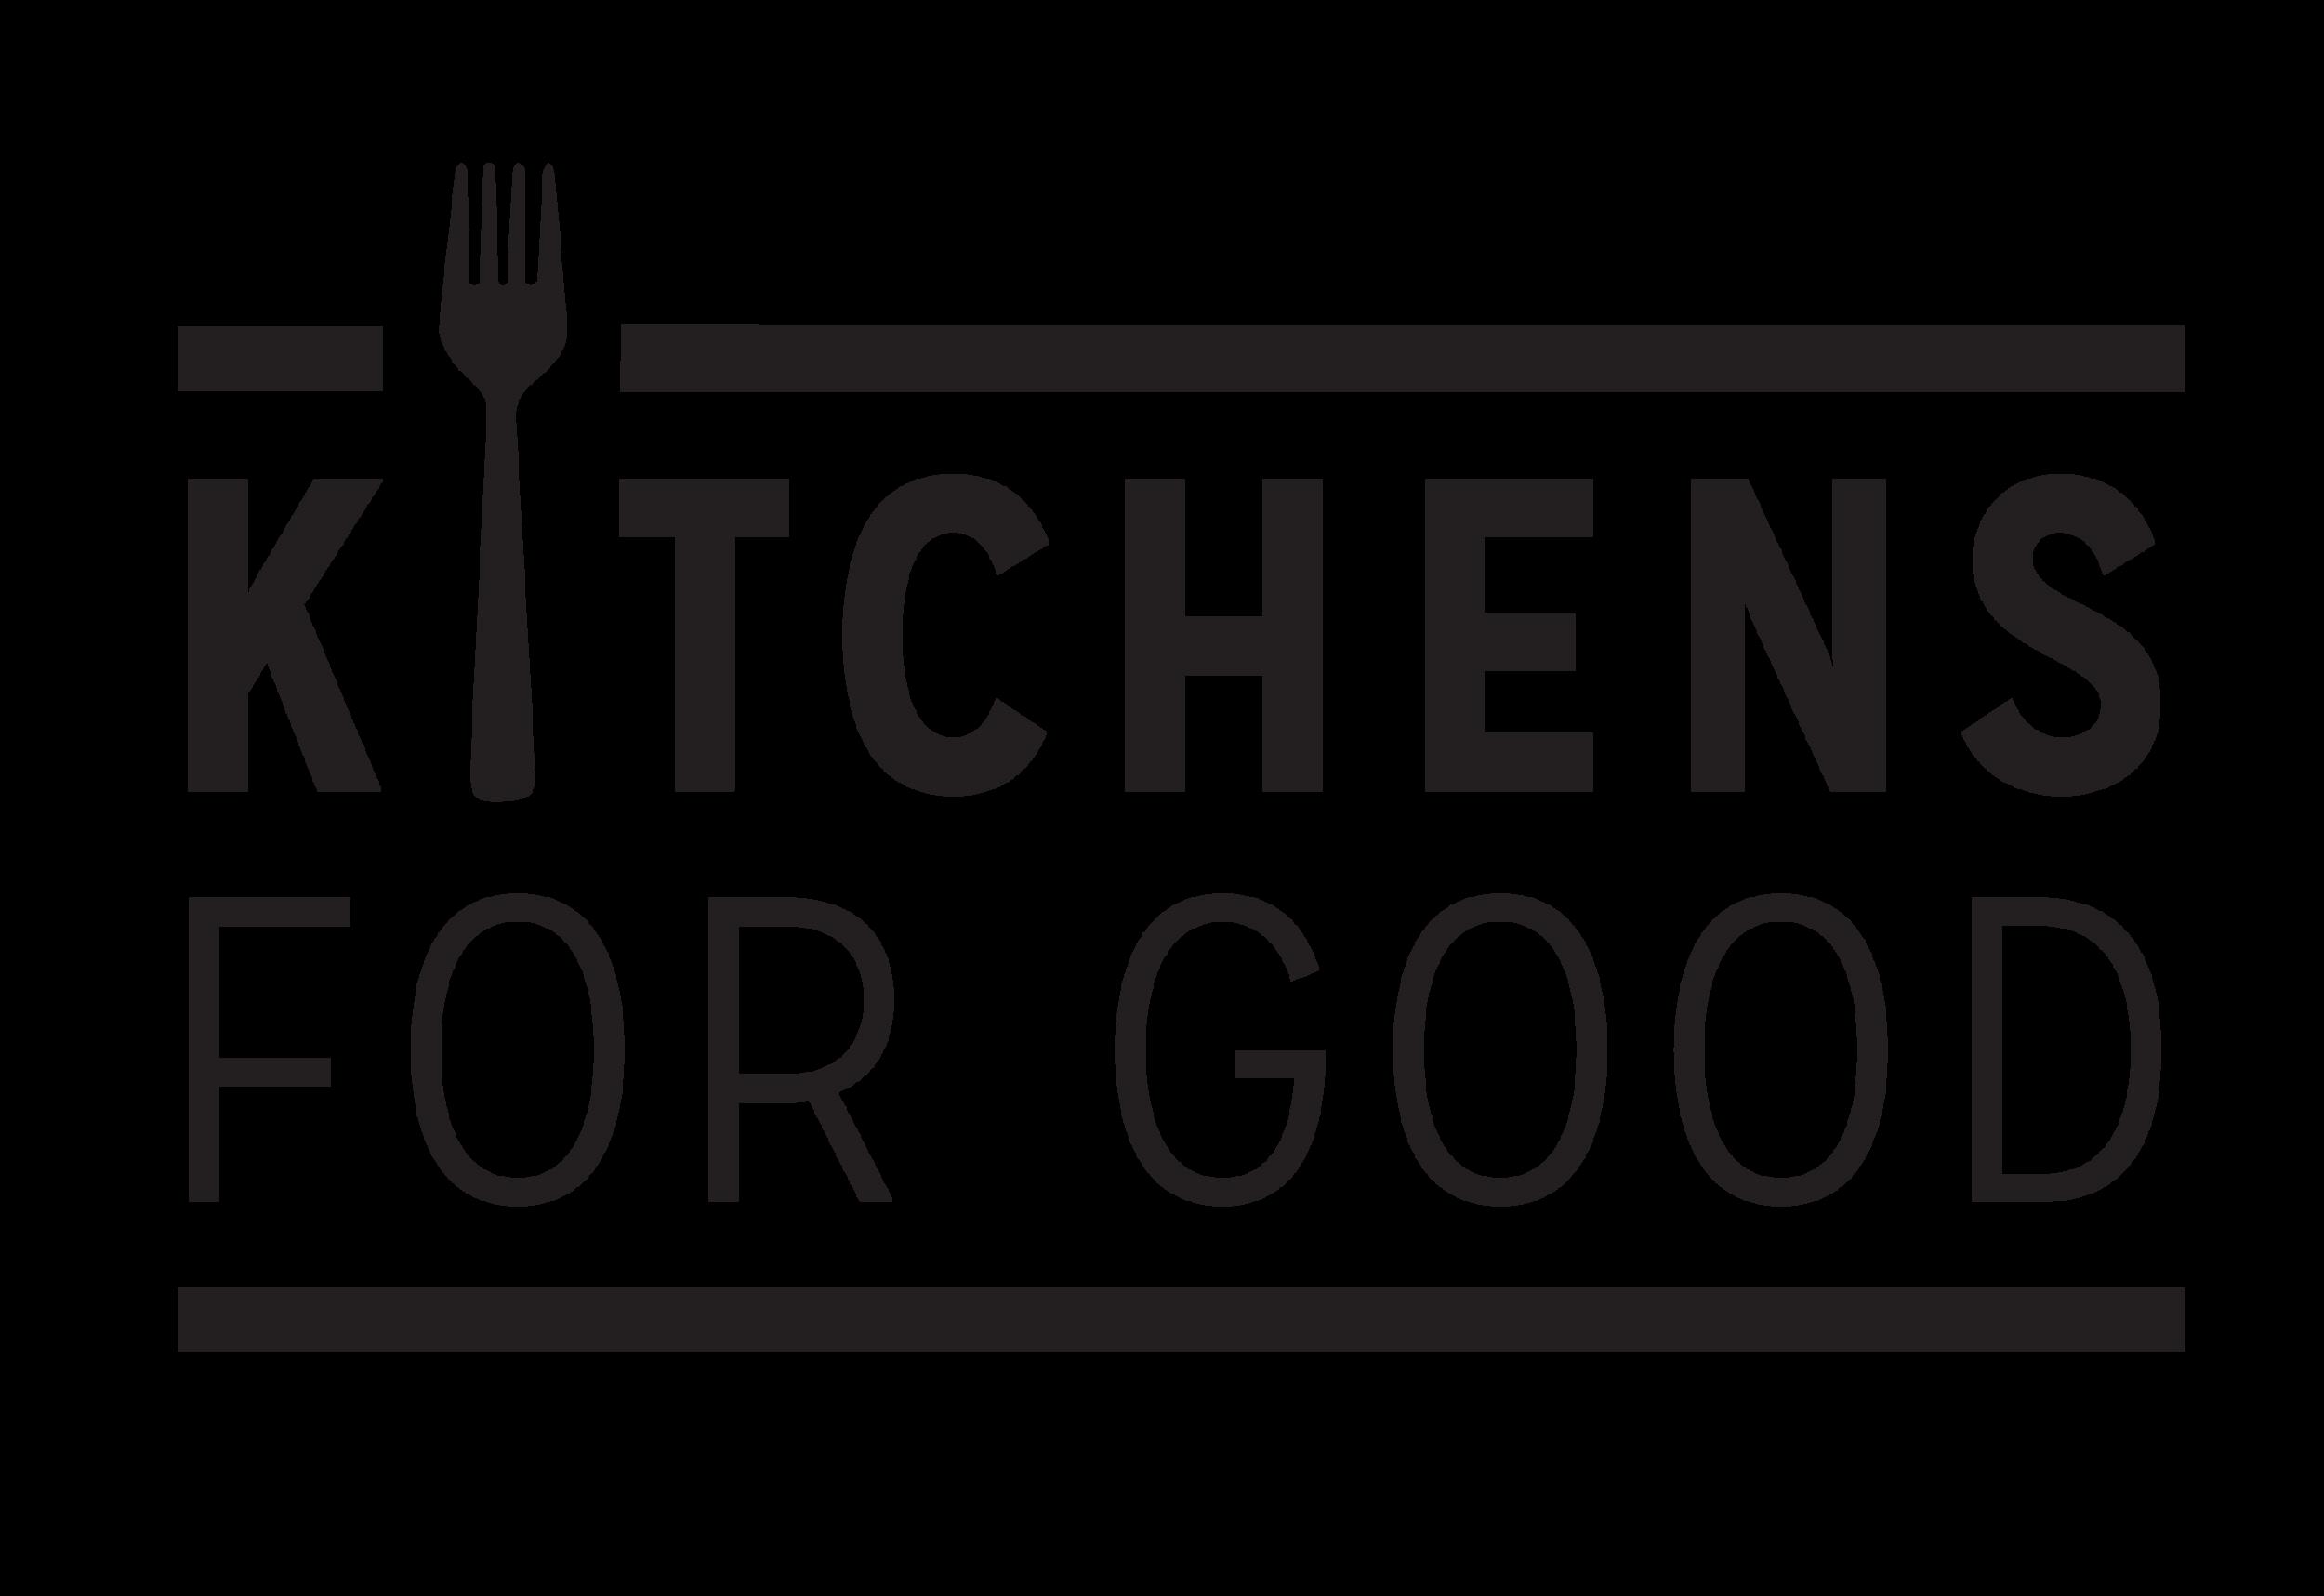 KFG_Logo_black.png